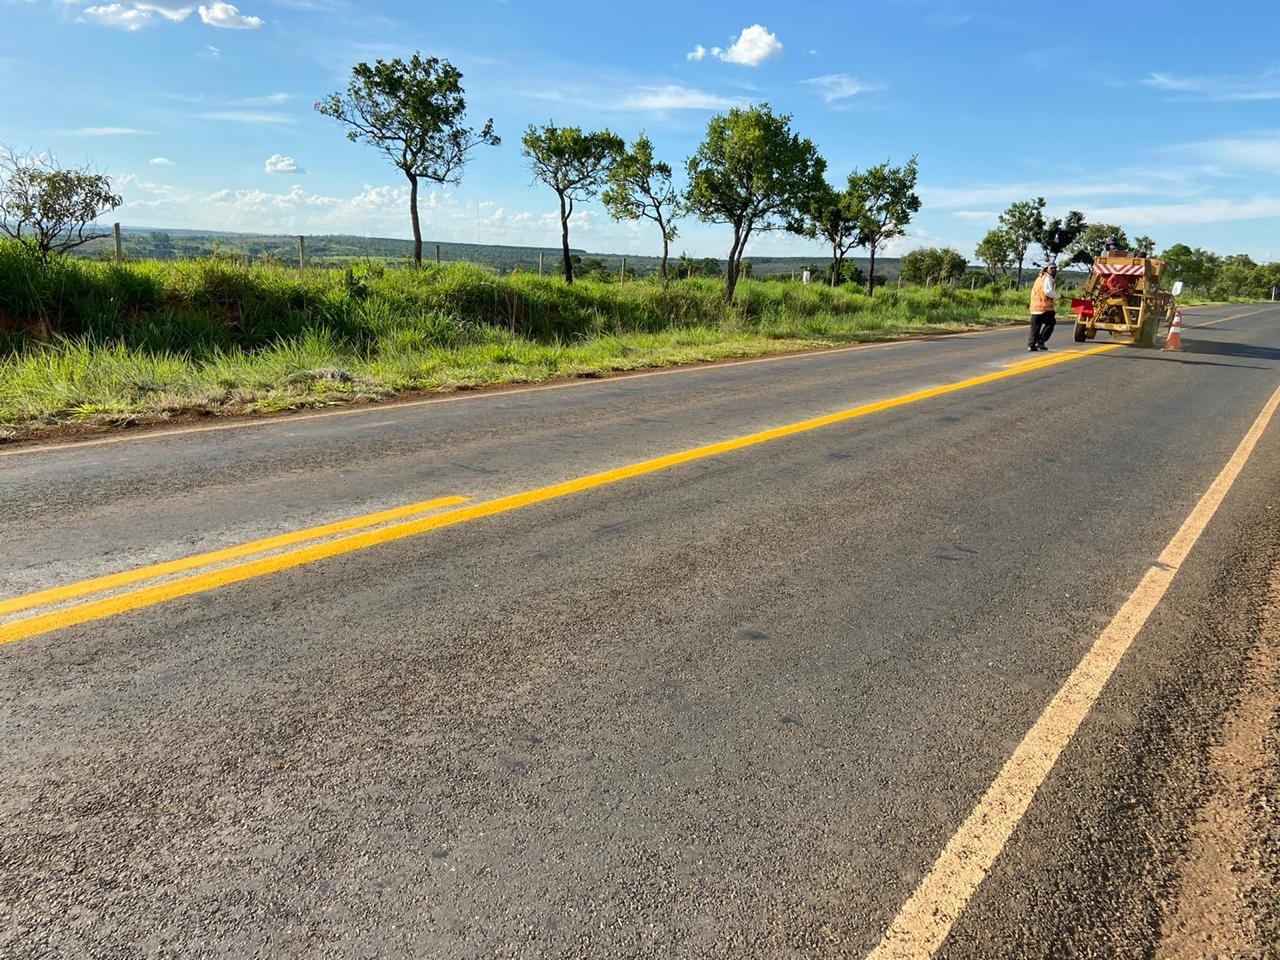 Governo pretende arrecadar R$ 1,3 bi para reformar estradas e garantir segurança hídrica em MG